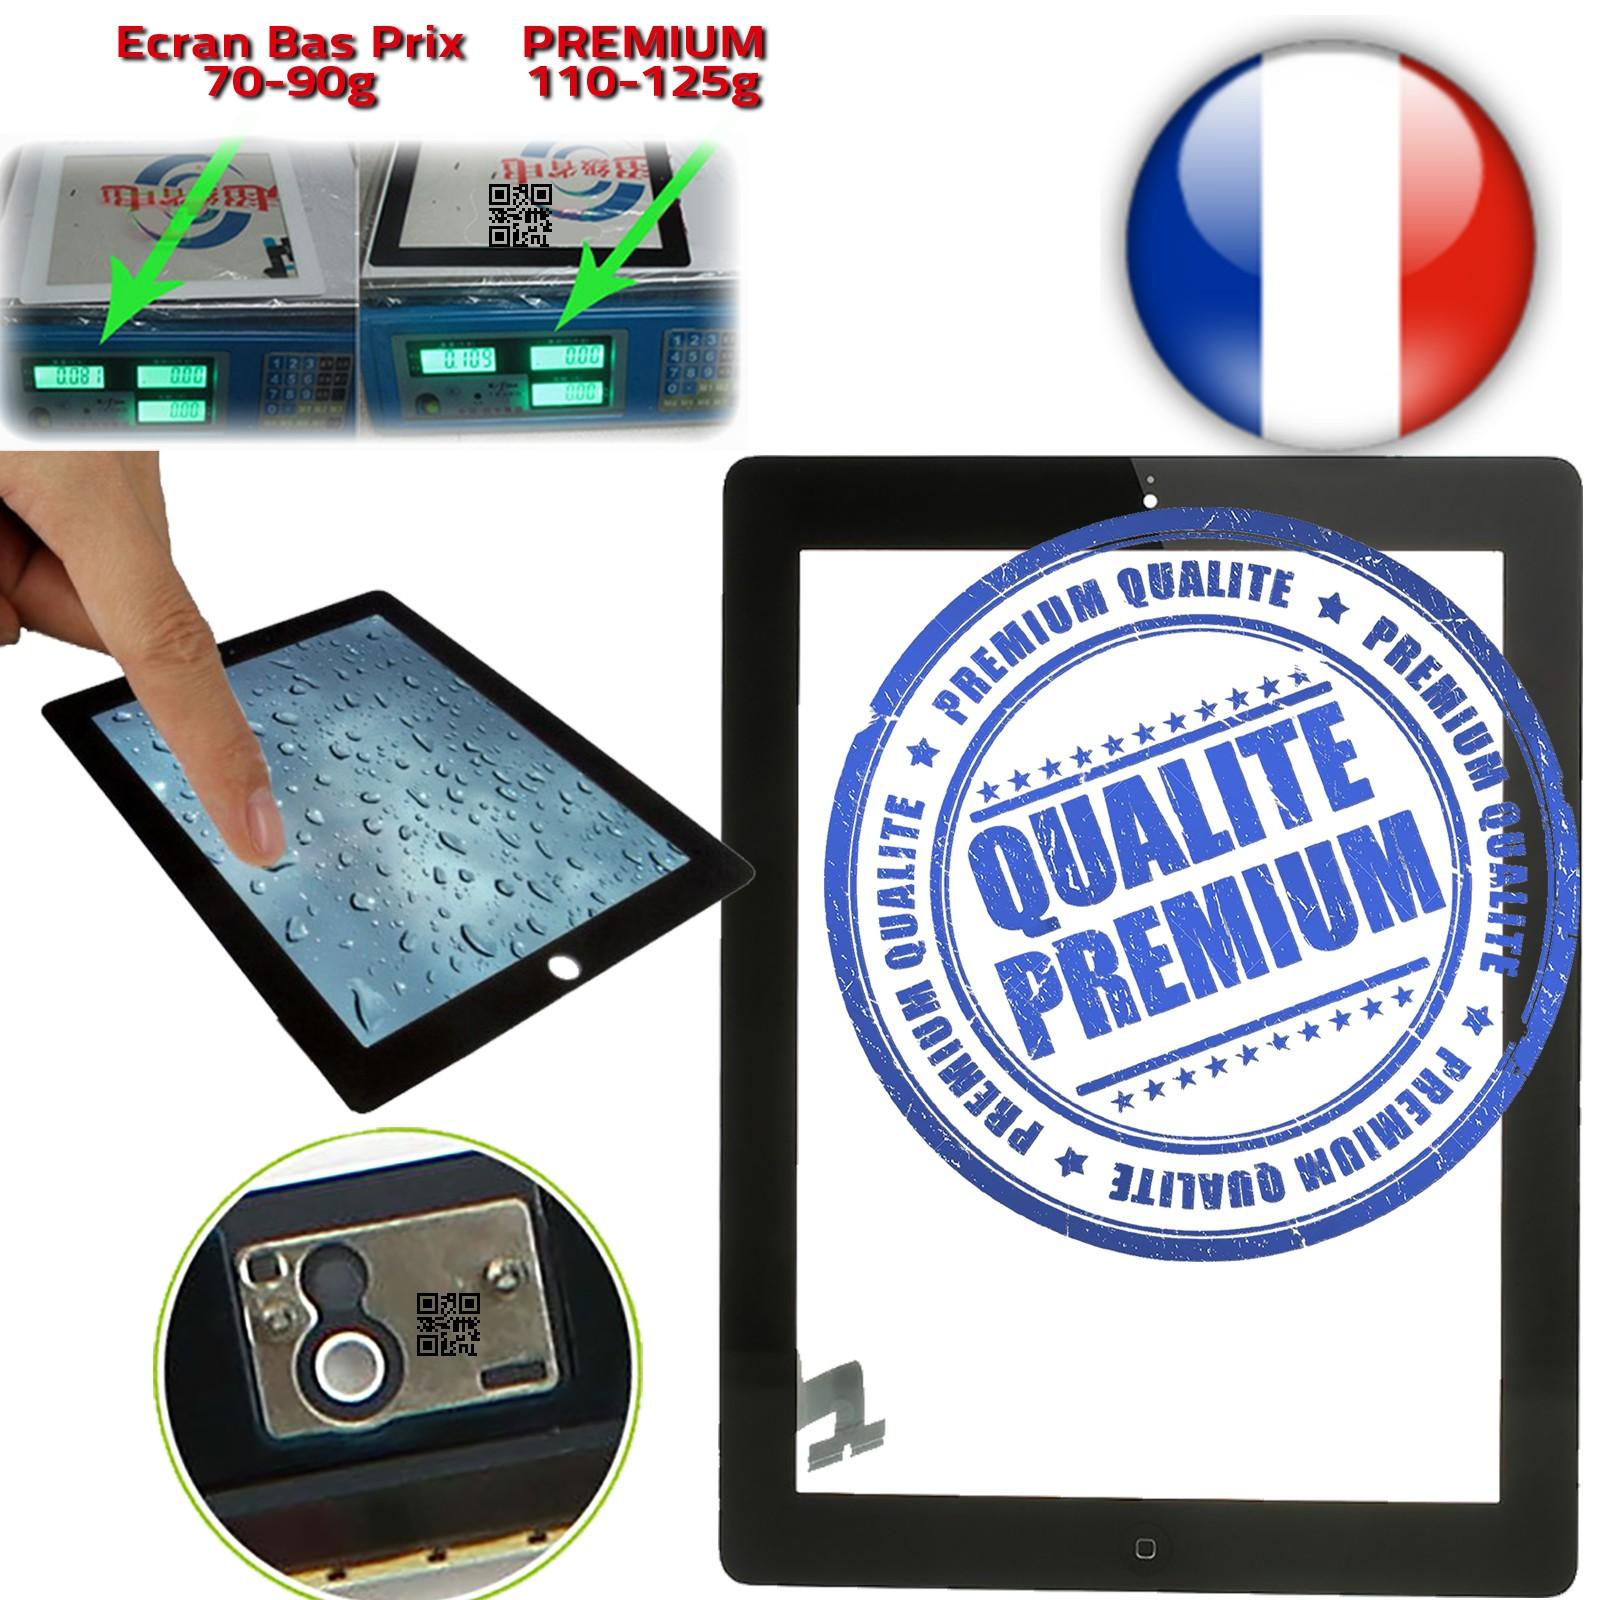 Vitres en Verre PREMIUM Apple iPad 2 Deuxième Génération